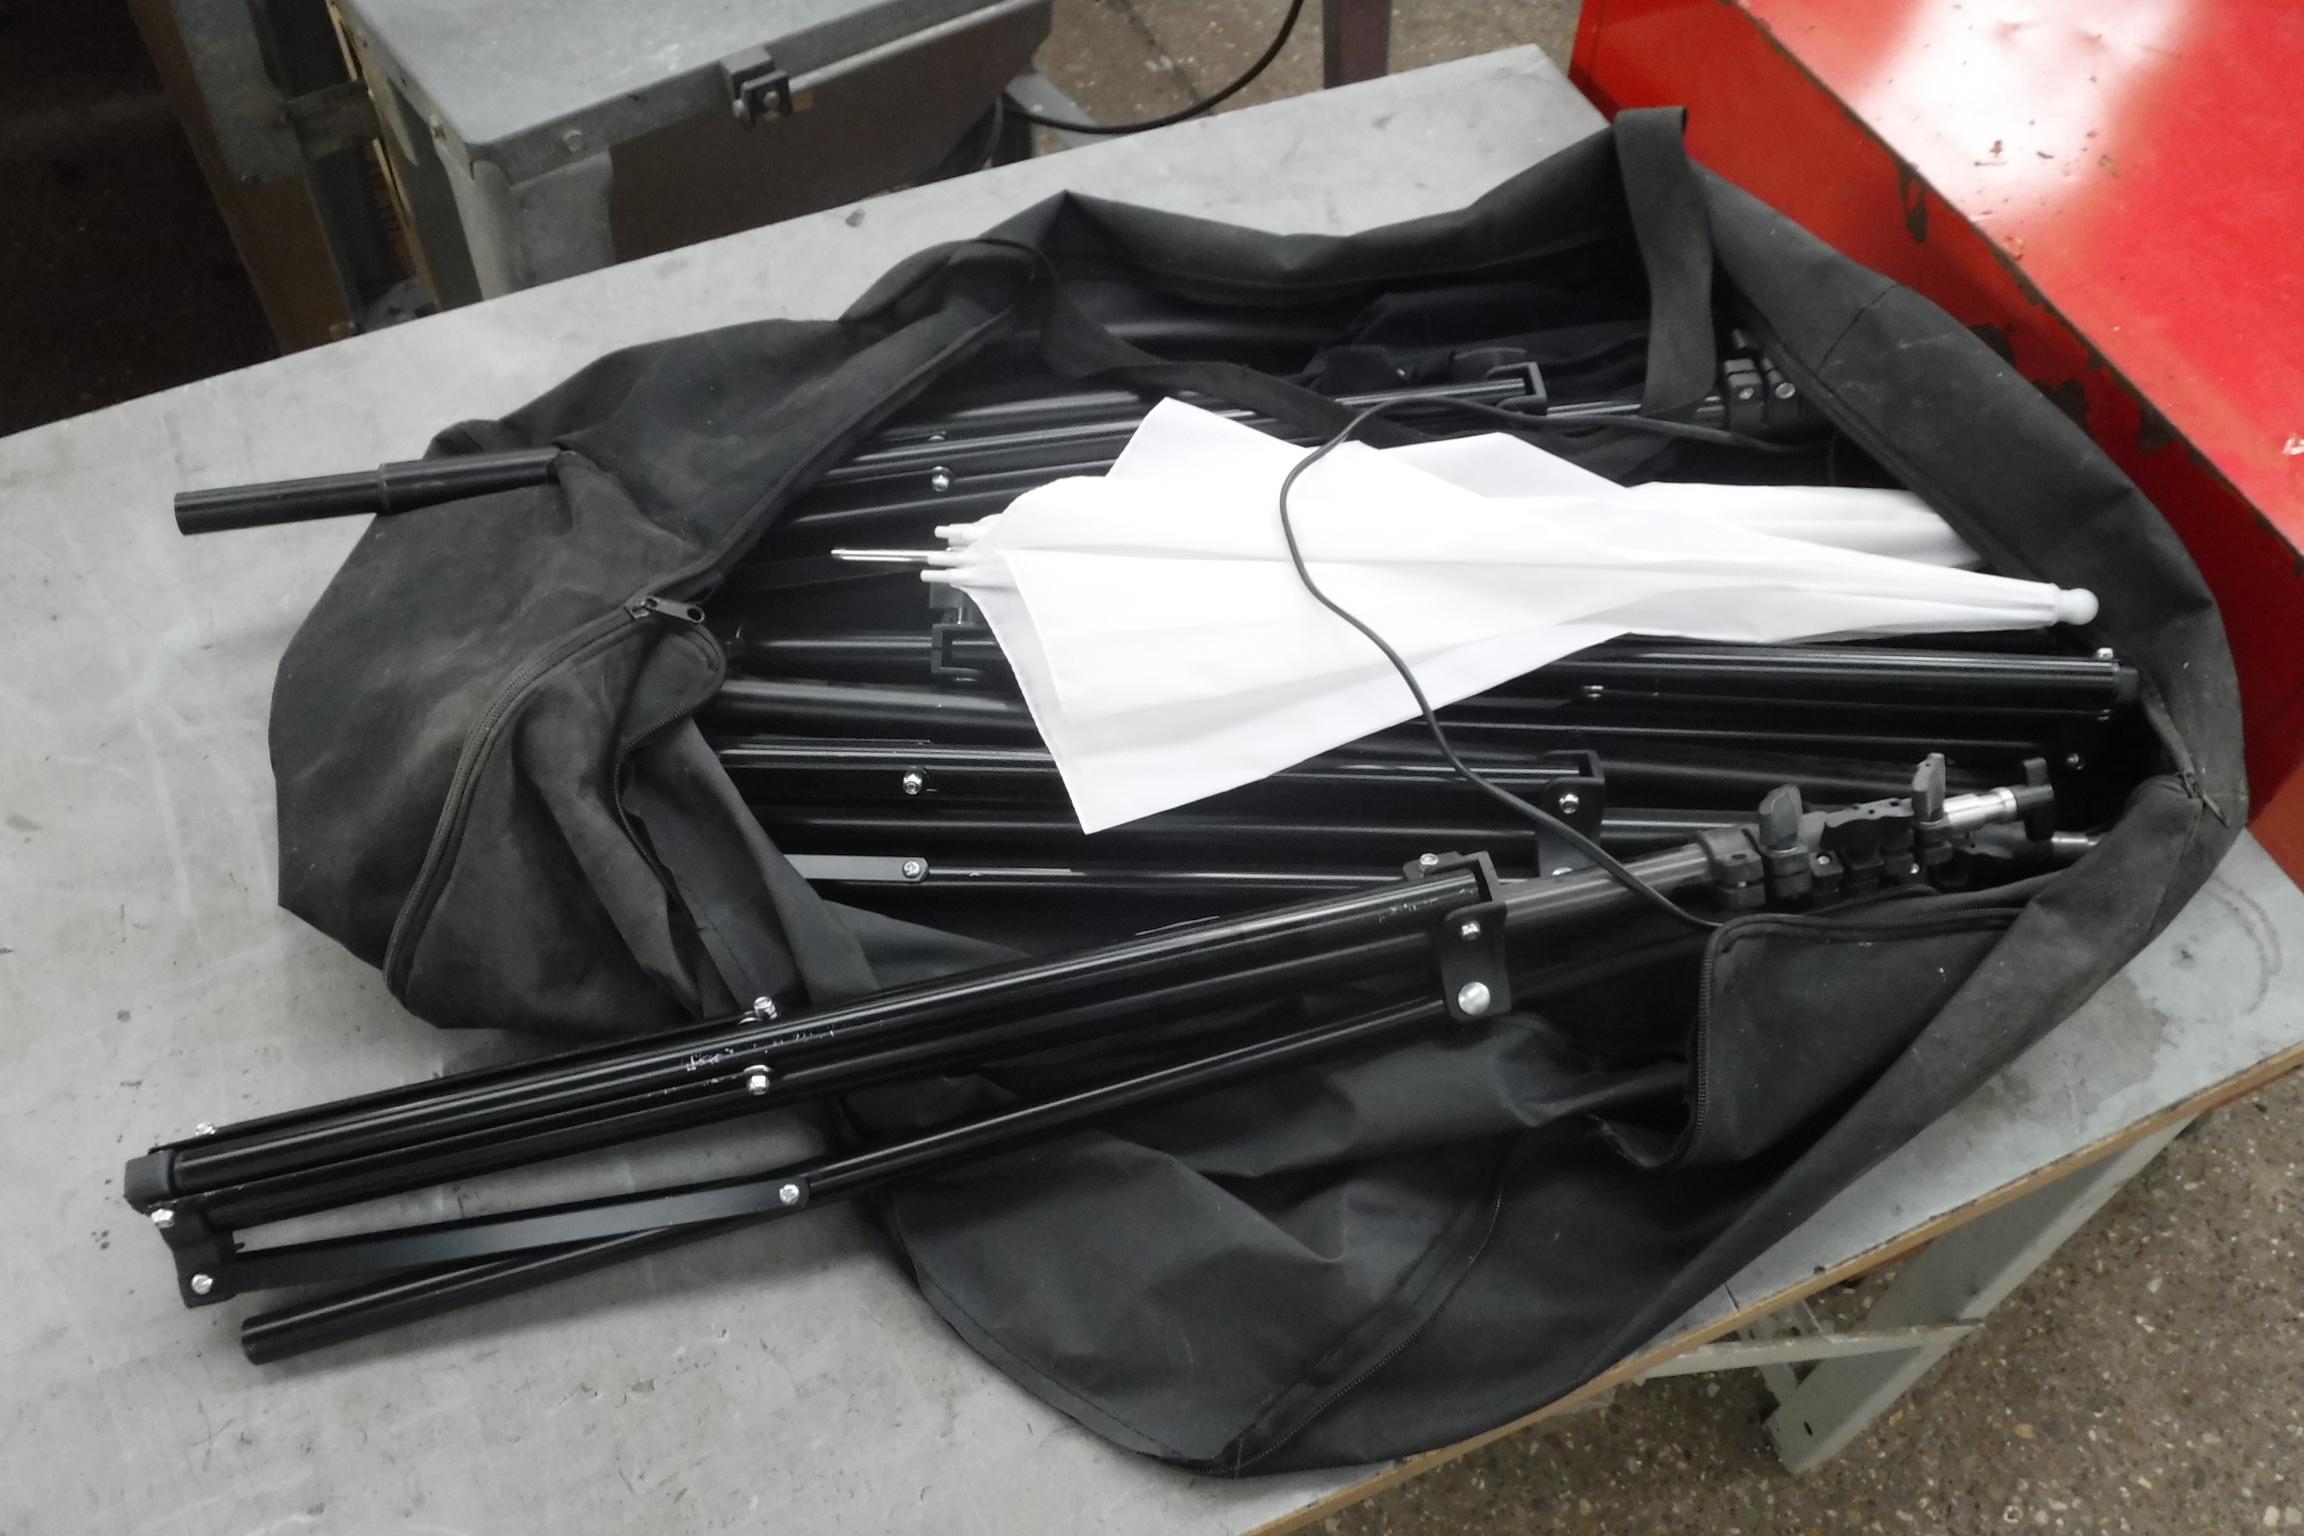 (2360) Tripods and studio umbrellas in bag